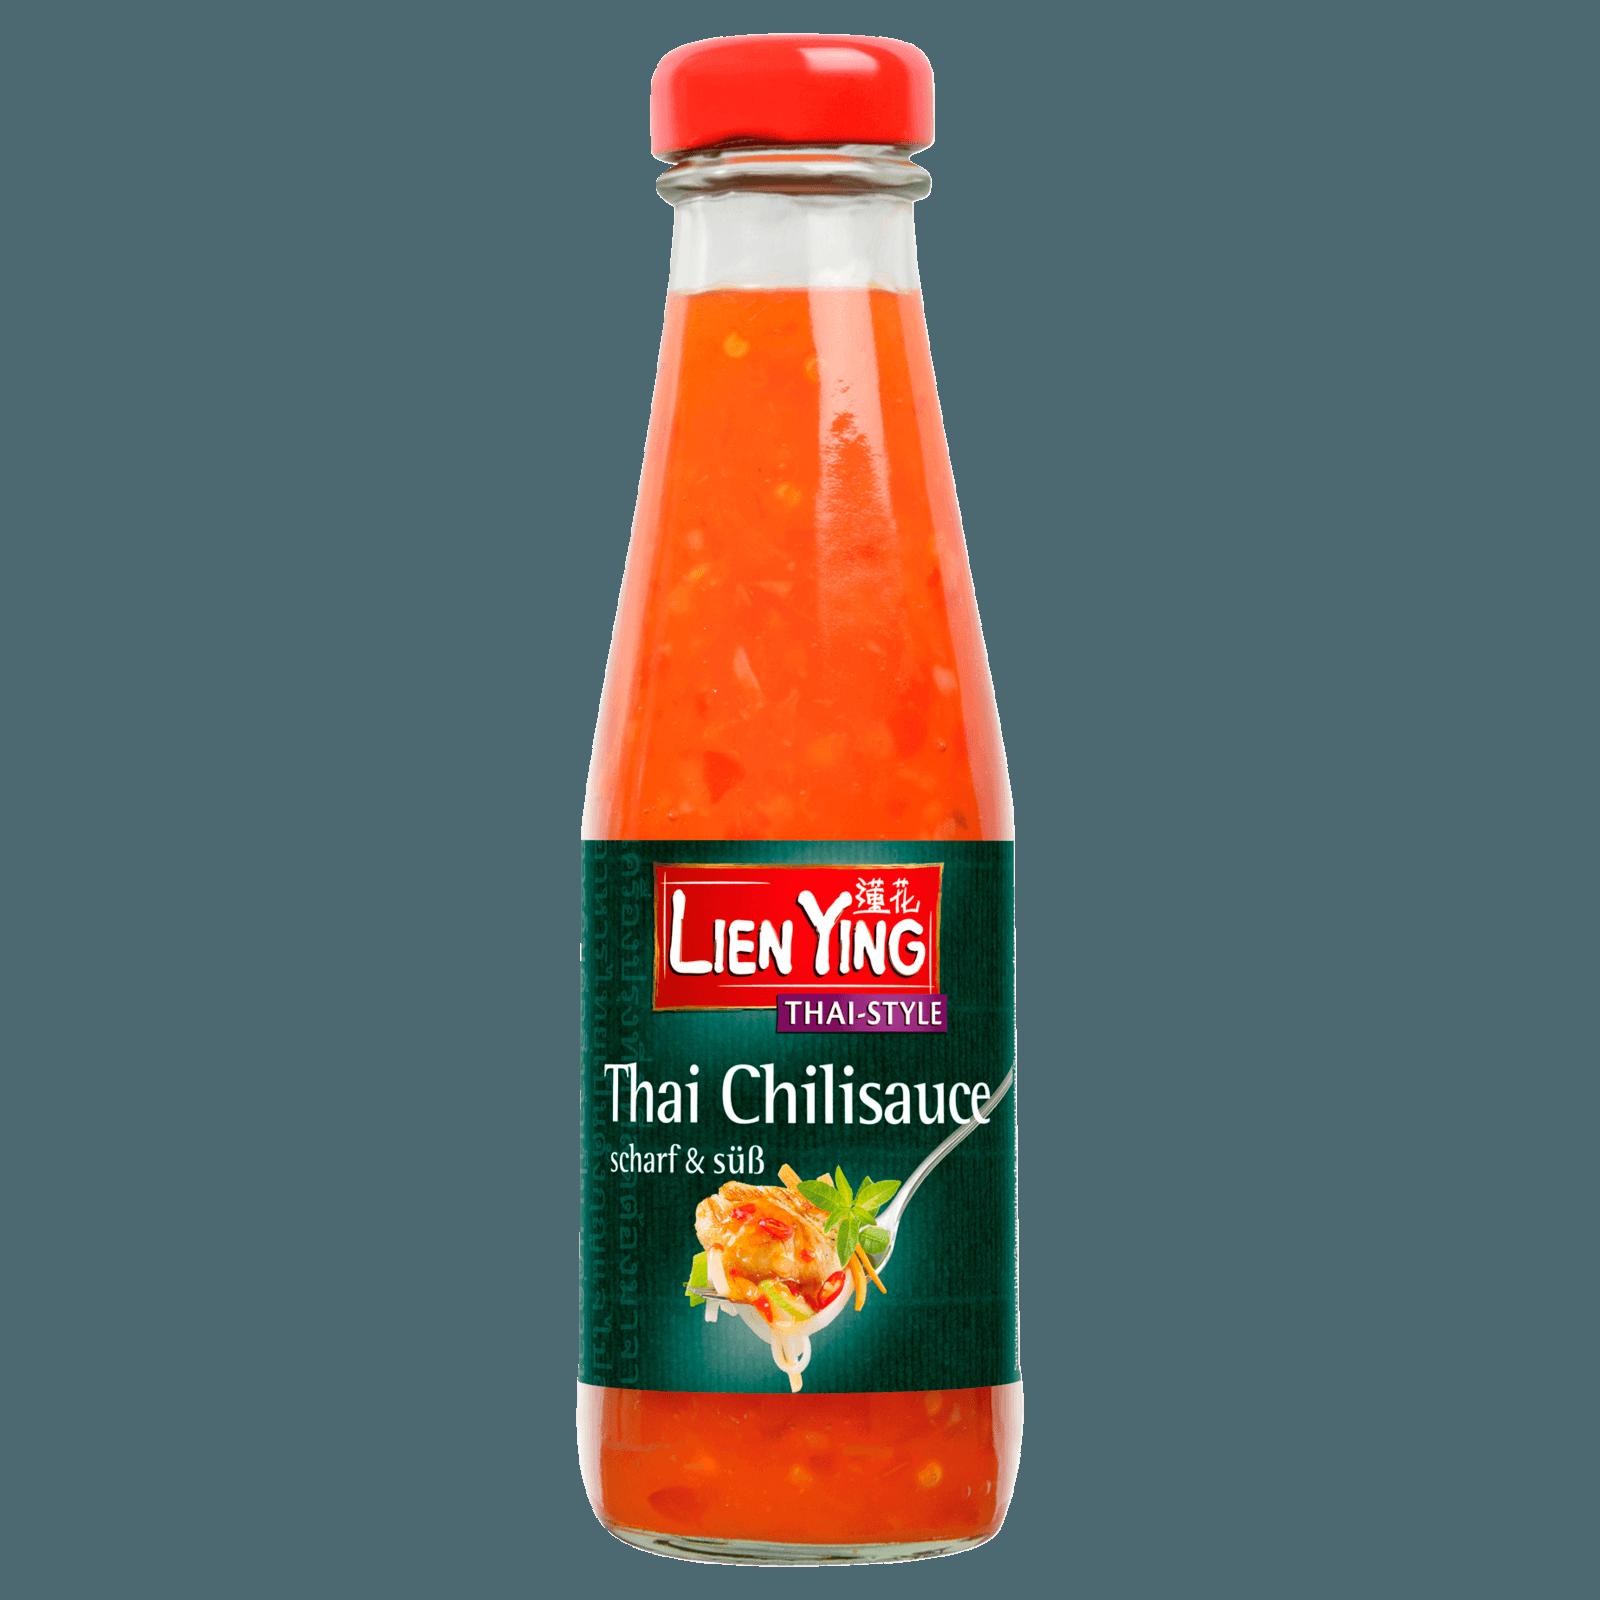 Lien Ying Thai Chilisauce 200ml Bei Rewe Online Bestellen